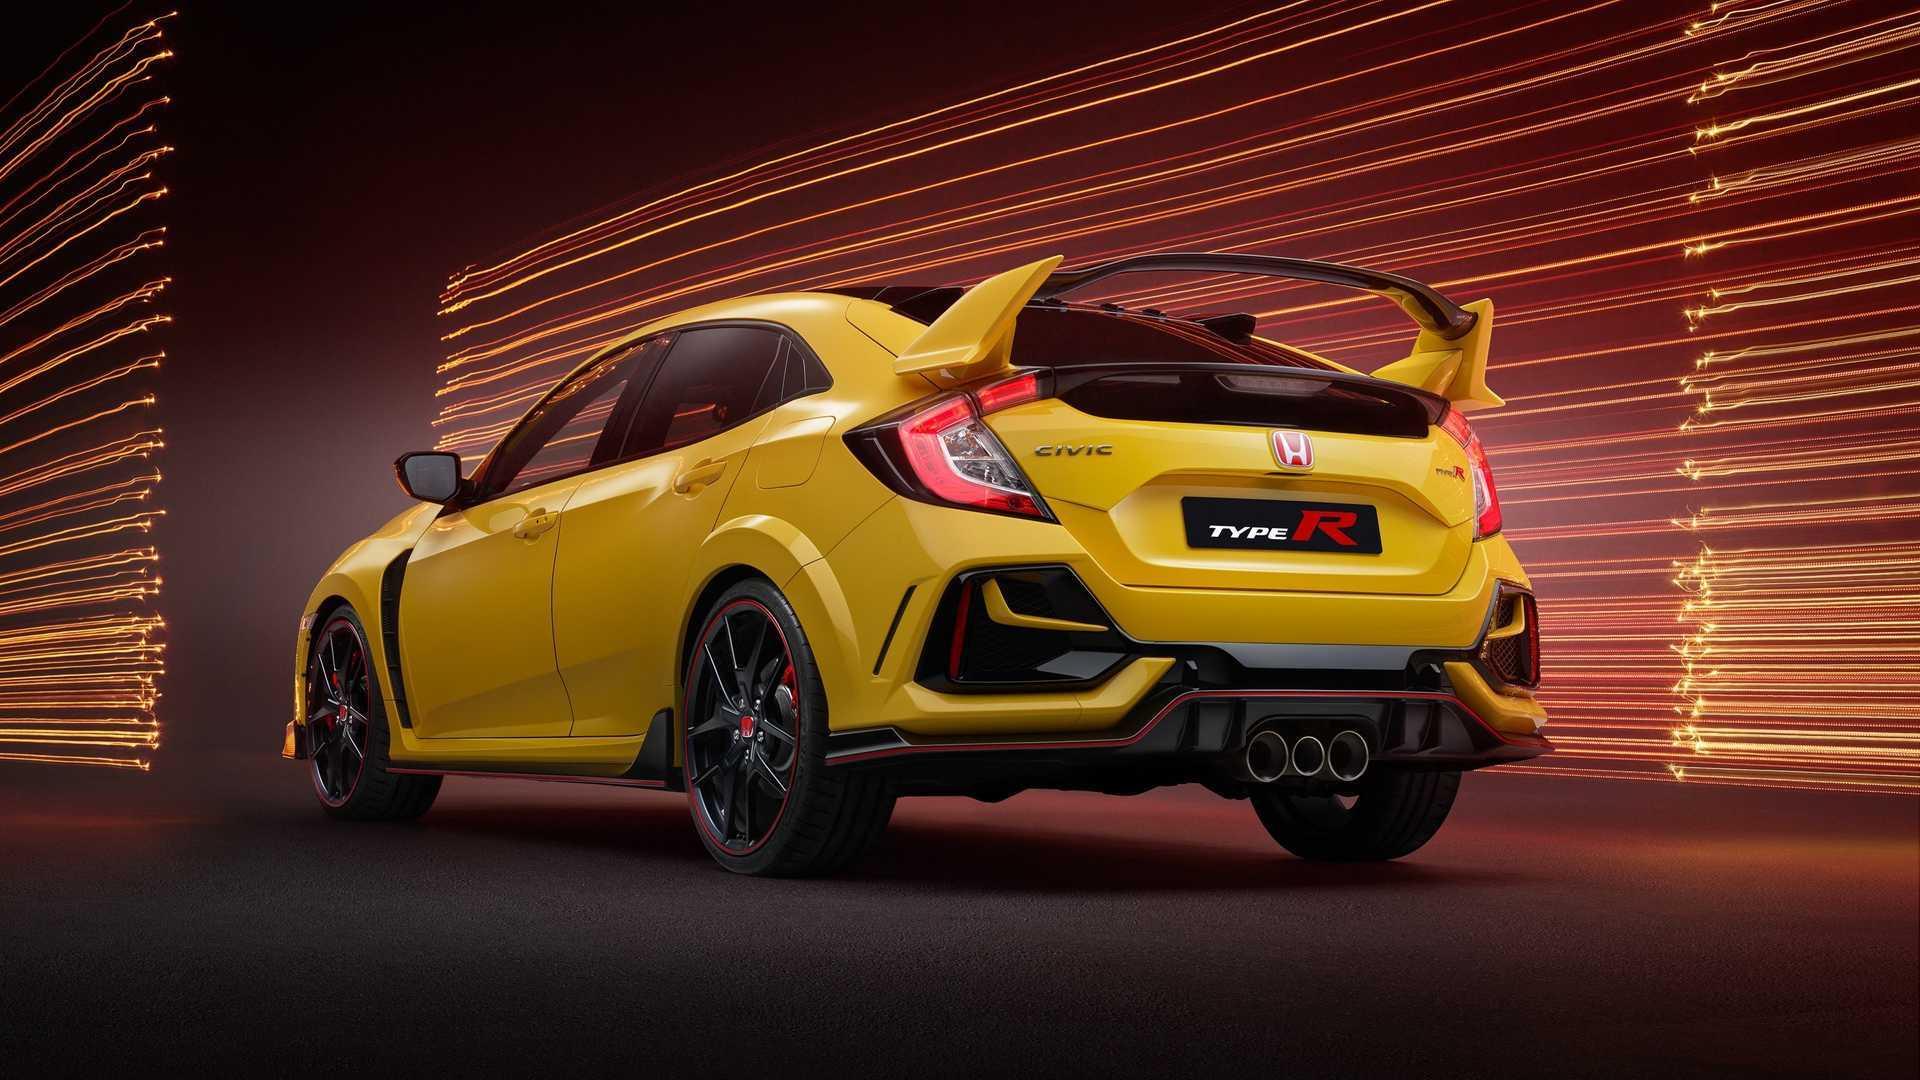 Honda garantie gratuitement ses moteurs dix ans